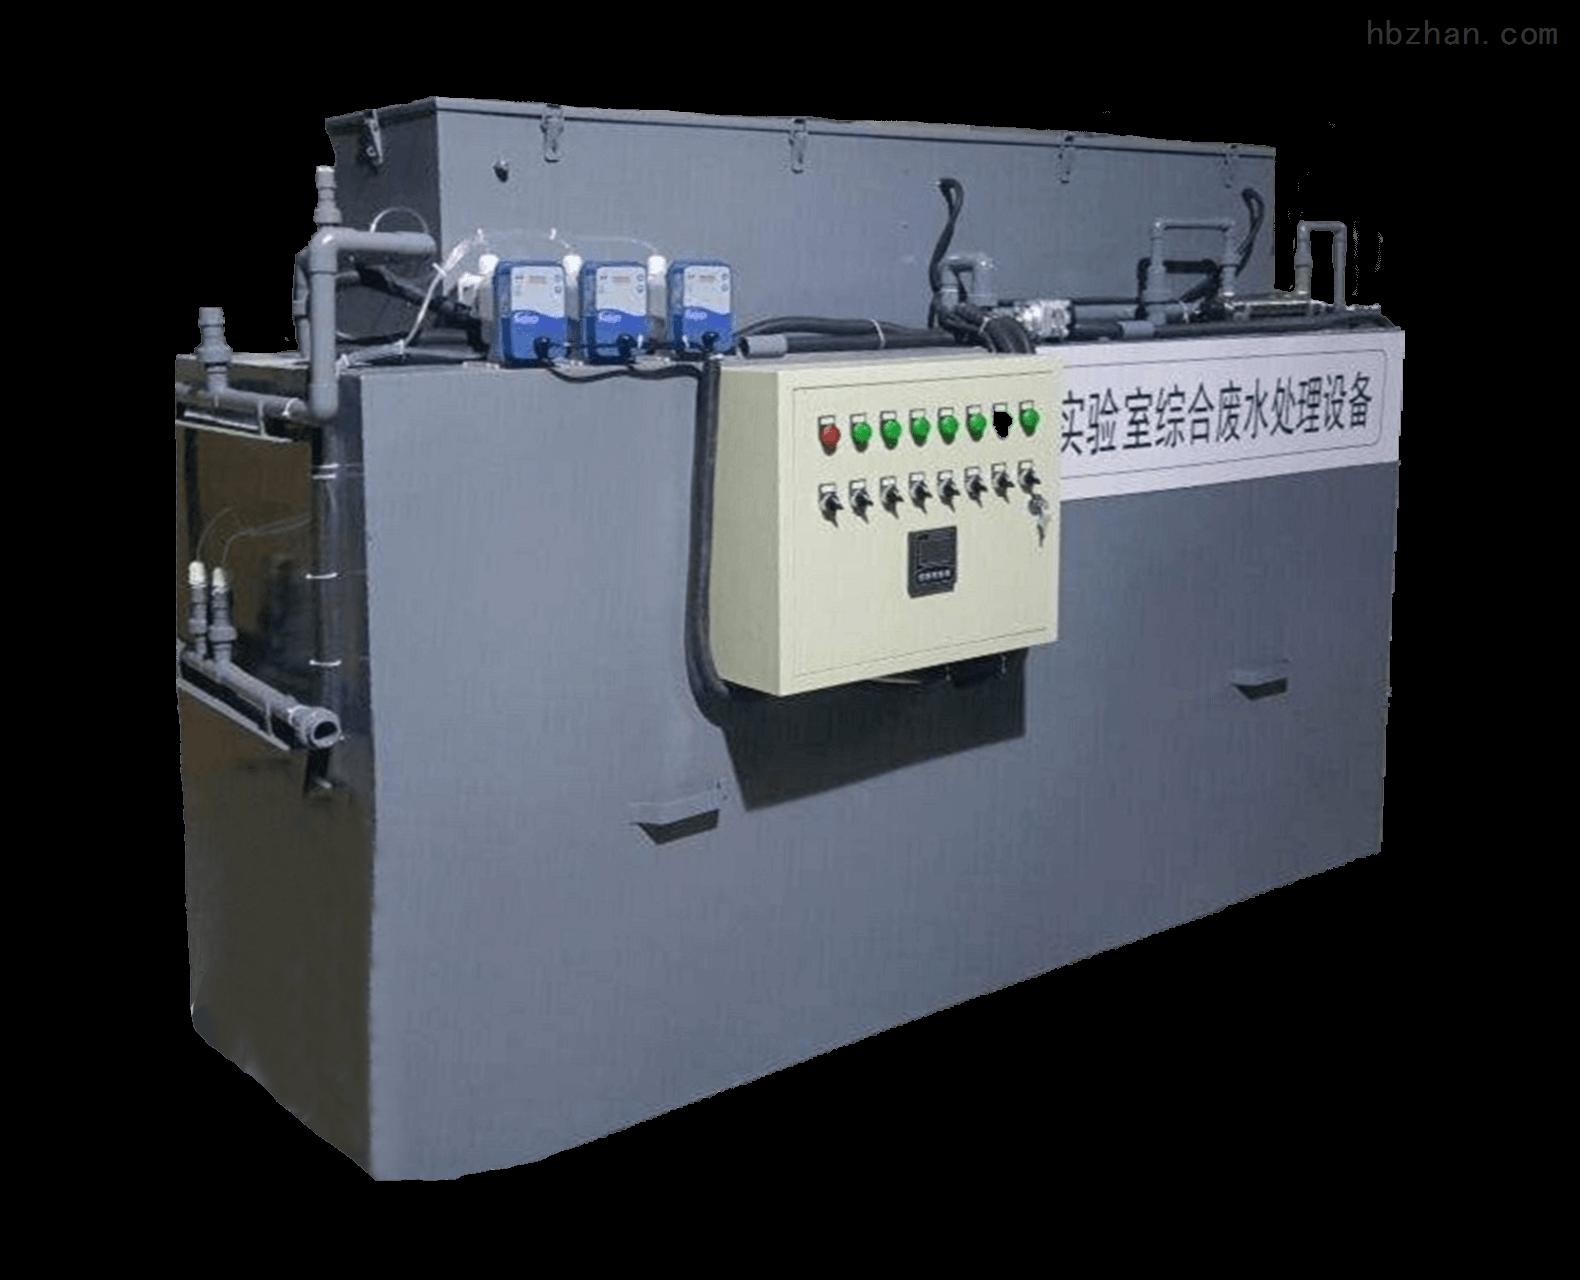 环保污水处理实验室设备技术参数